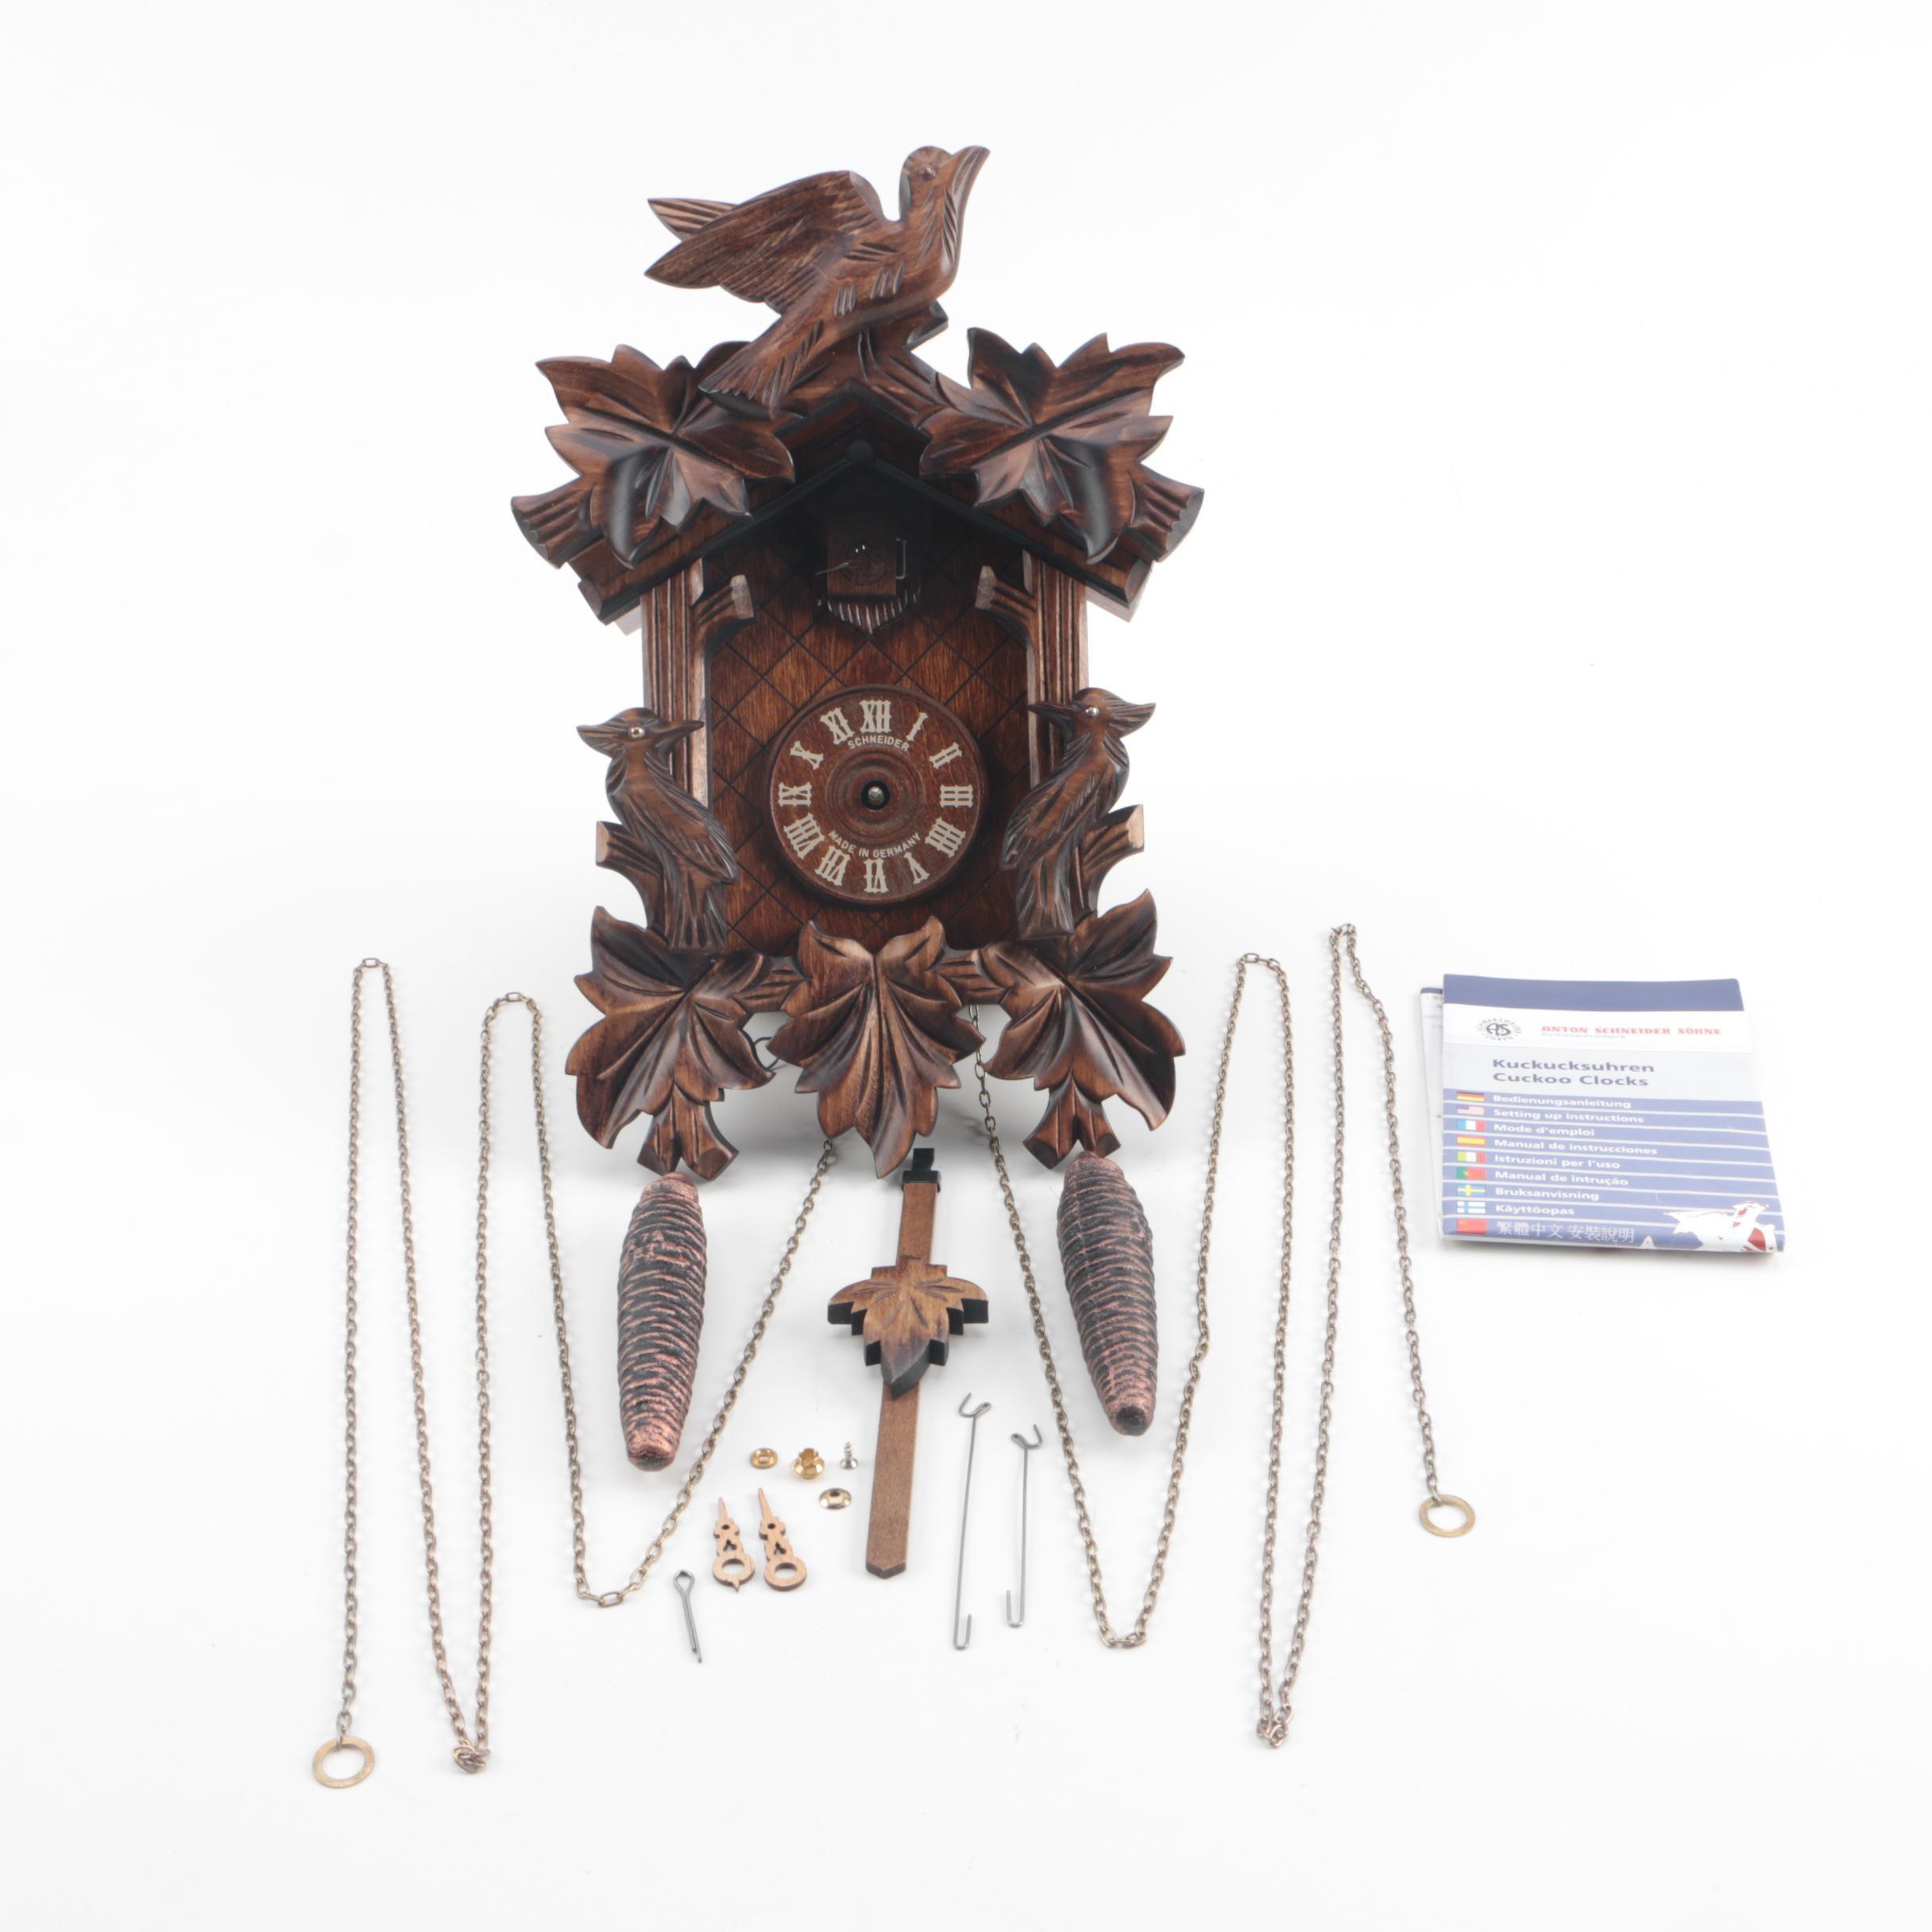 Black Forest Schneider Kuckuckshren Cuckoo Clock